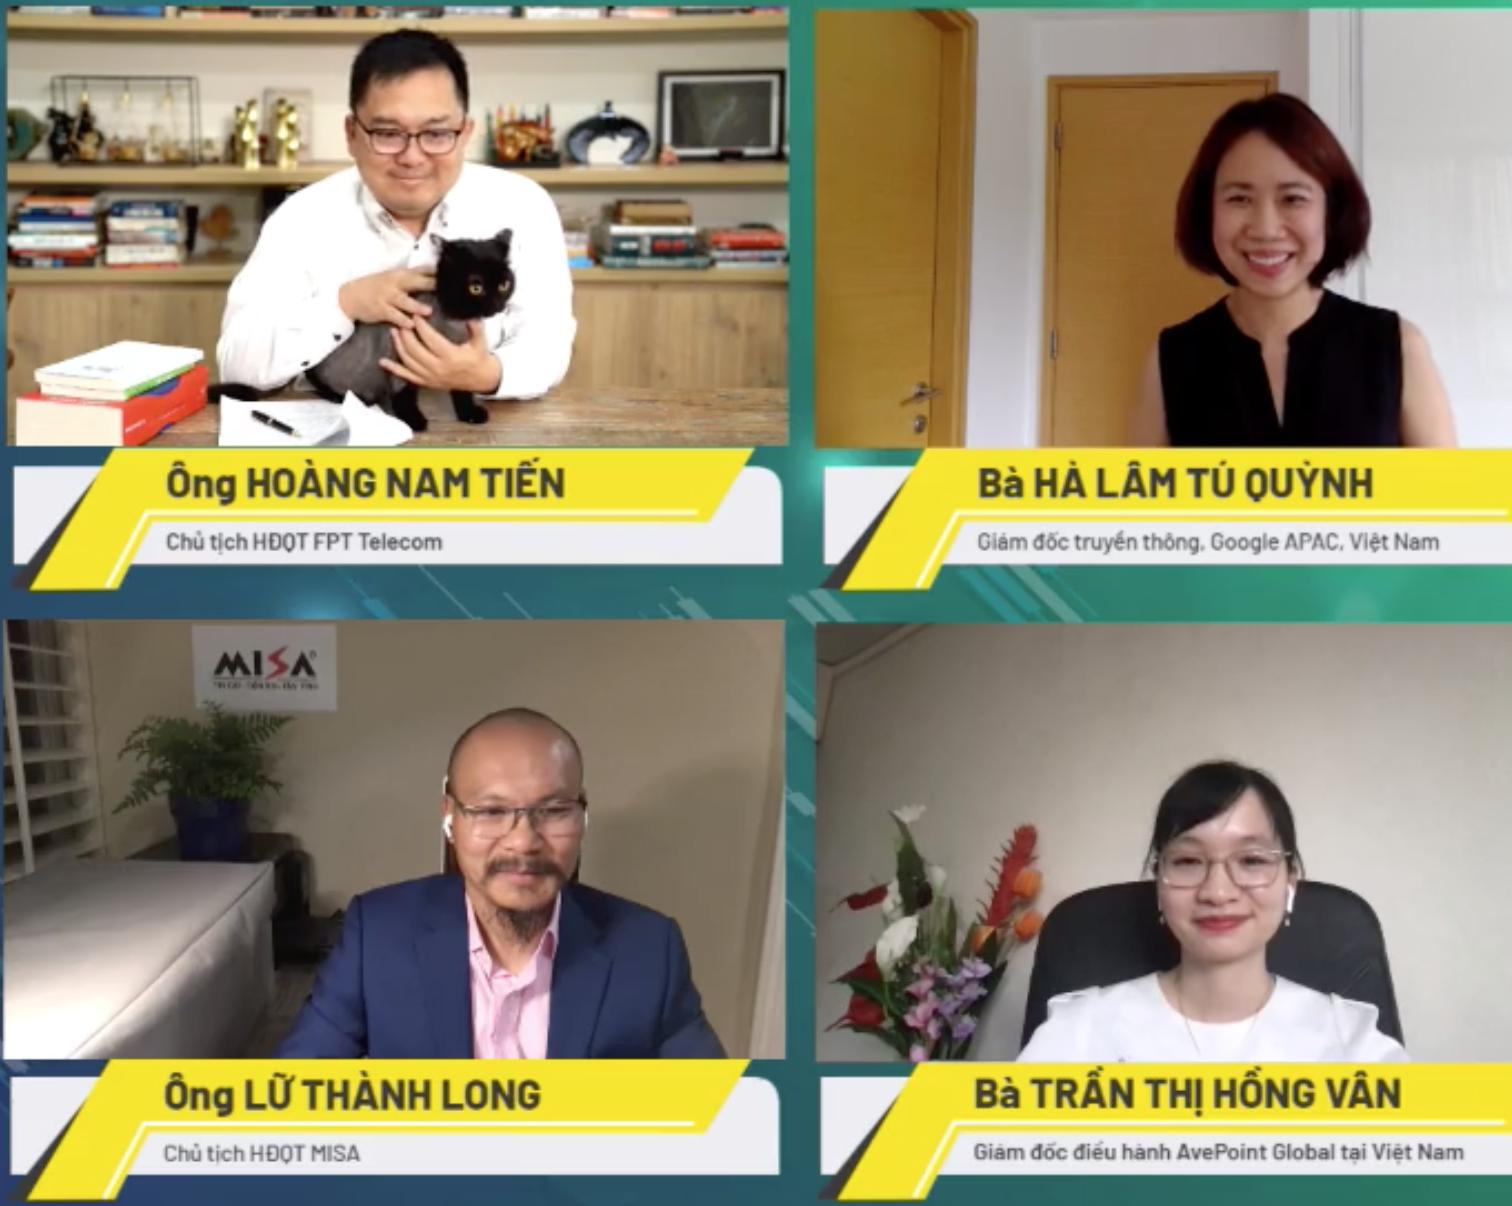 Bốn diễn giả trong CTO Talks ngày 24/6 với chủ đề Làm việc từ xa - Mô hình của tương lai?